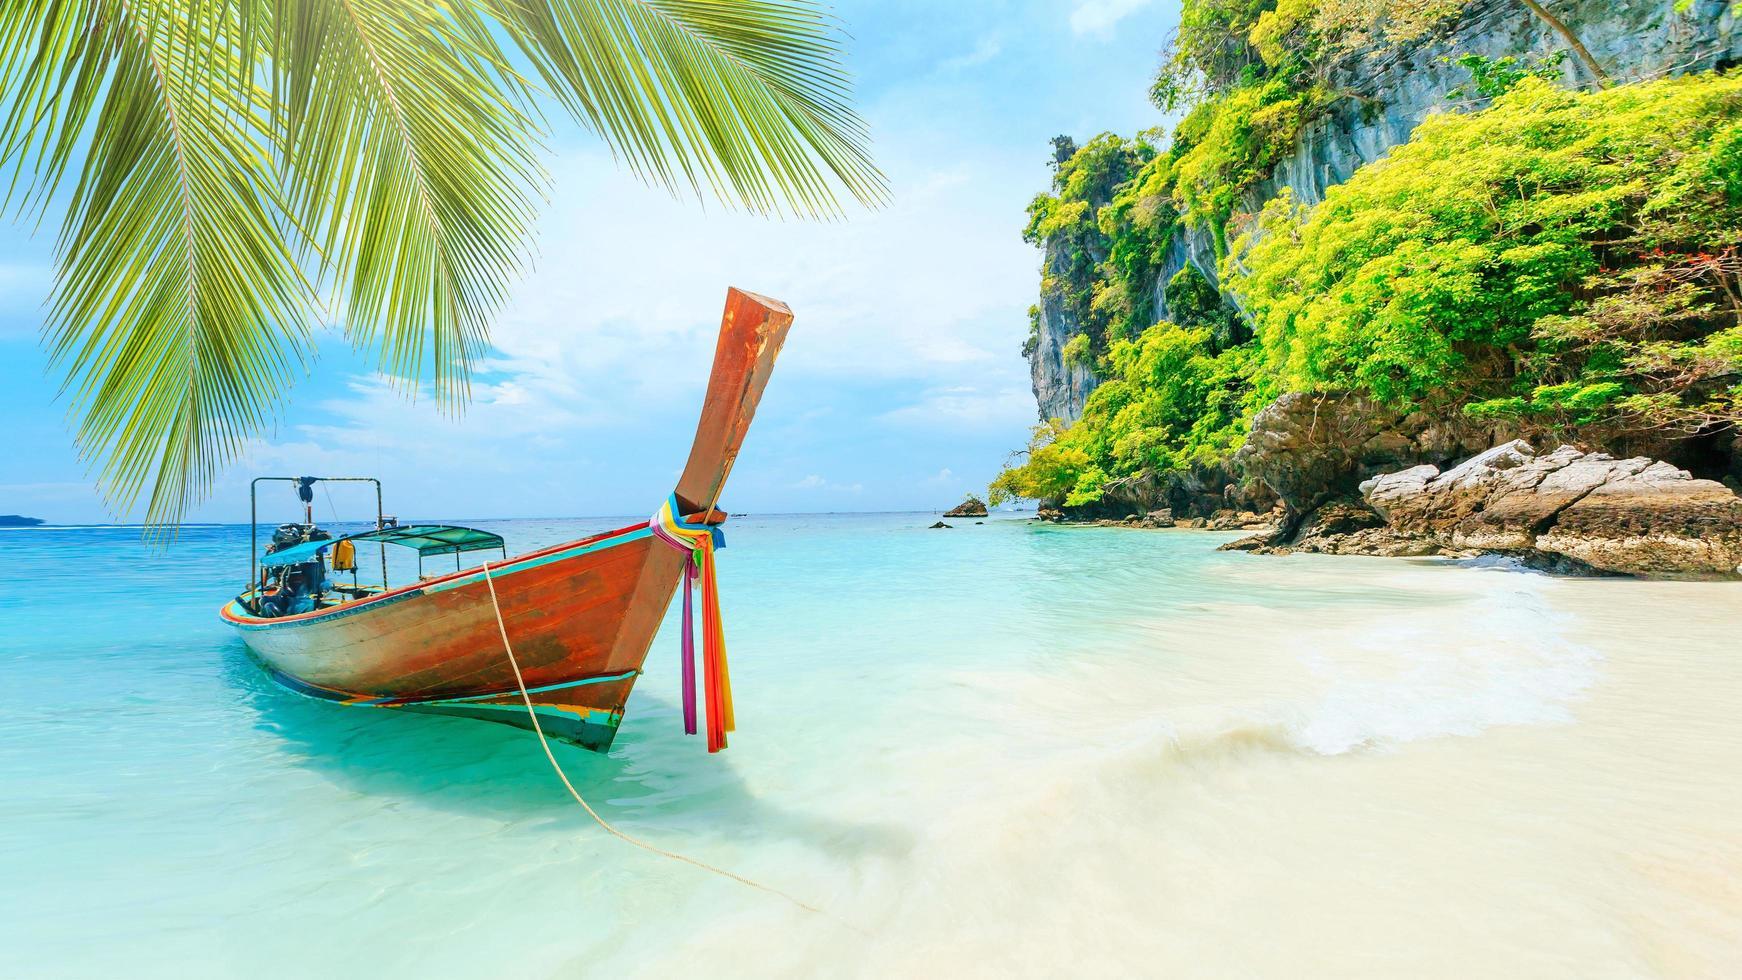 långtidsbåt på vit strand i Phuket, Thailand foto